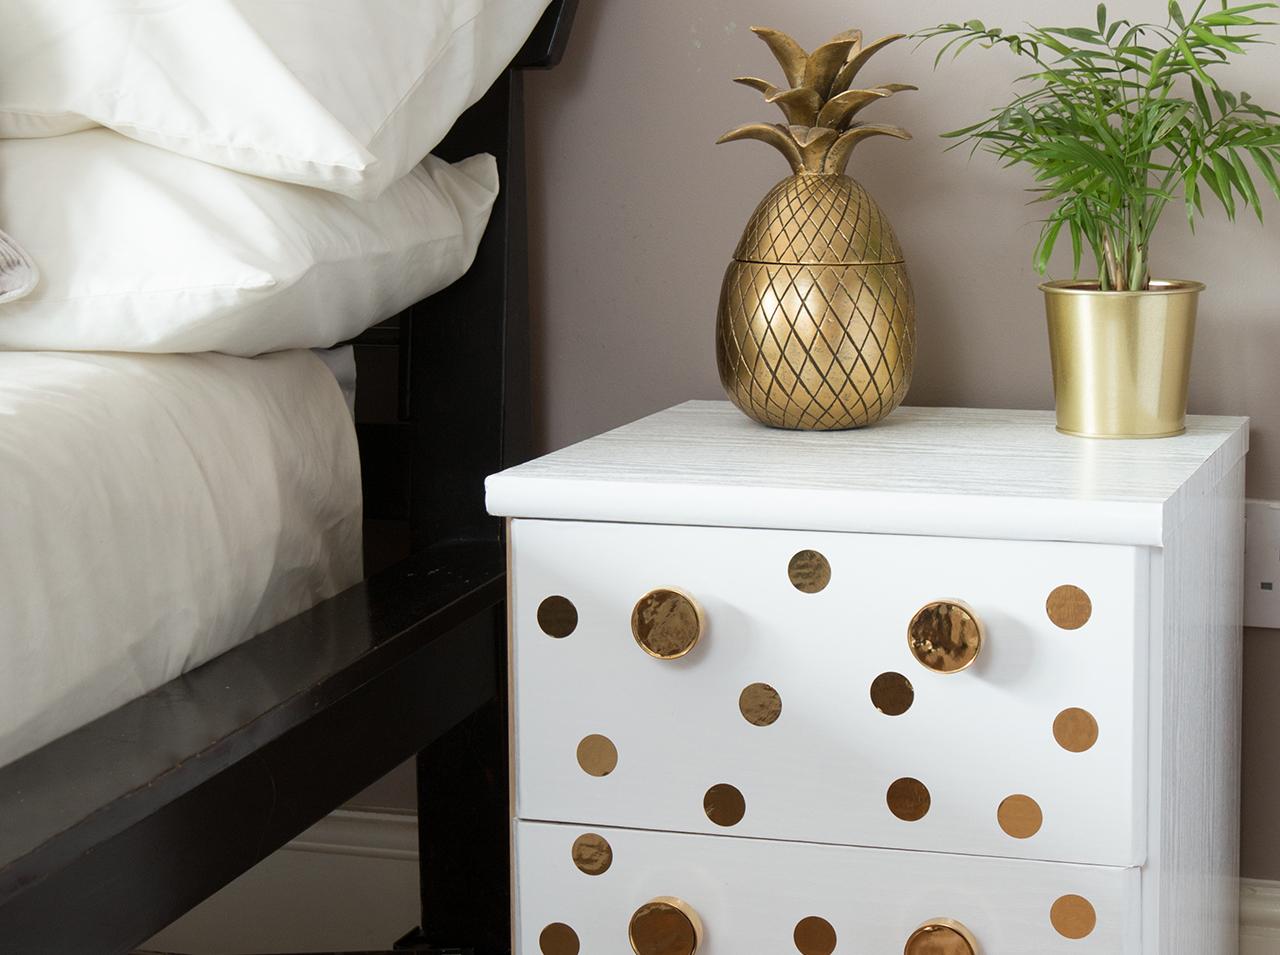 dcfix Möbel Klebefolie Dekofolie DIY Deko Schlafzimmer Nachttisch Gold